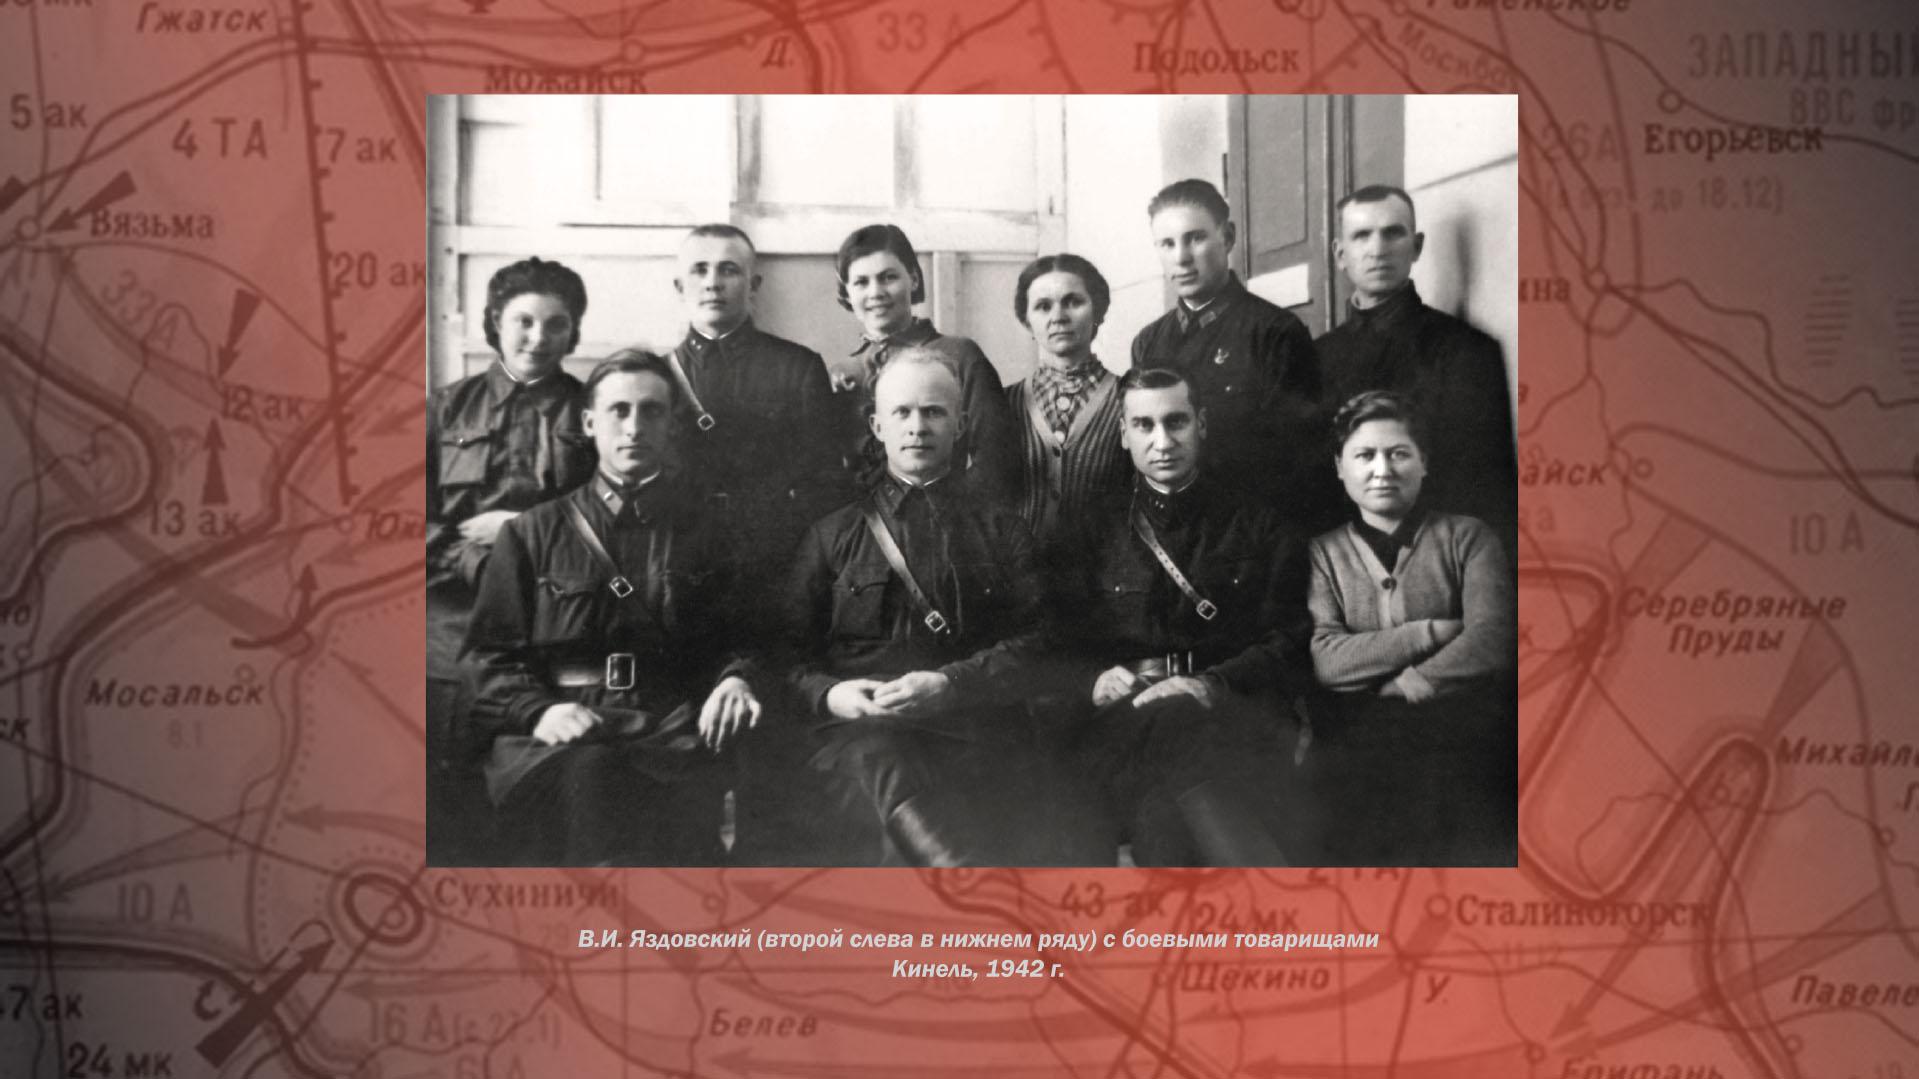 В.И. Яздовский с боевыми товарищами